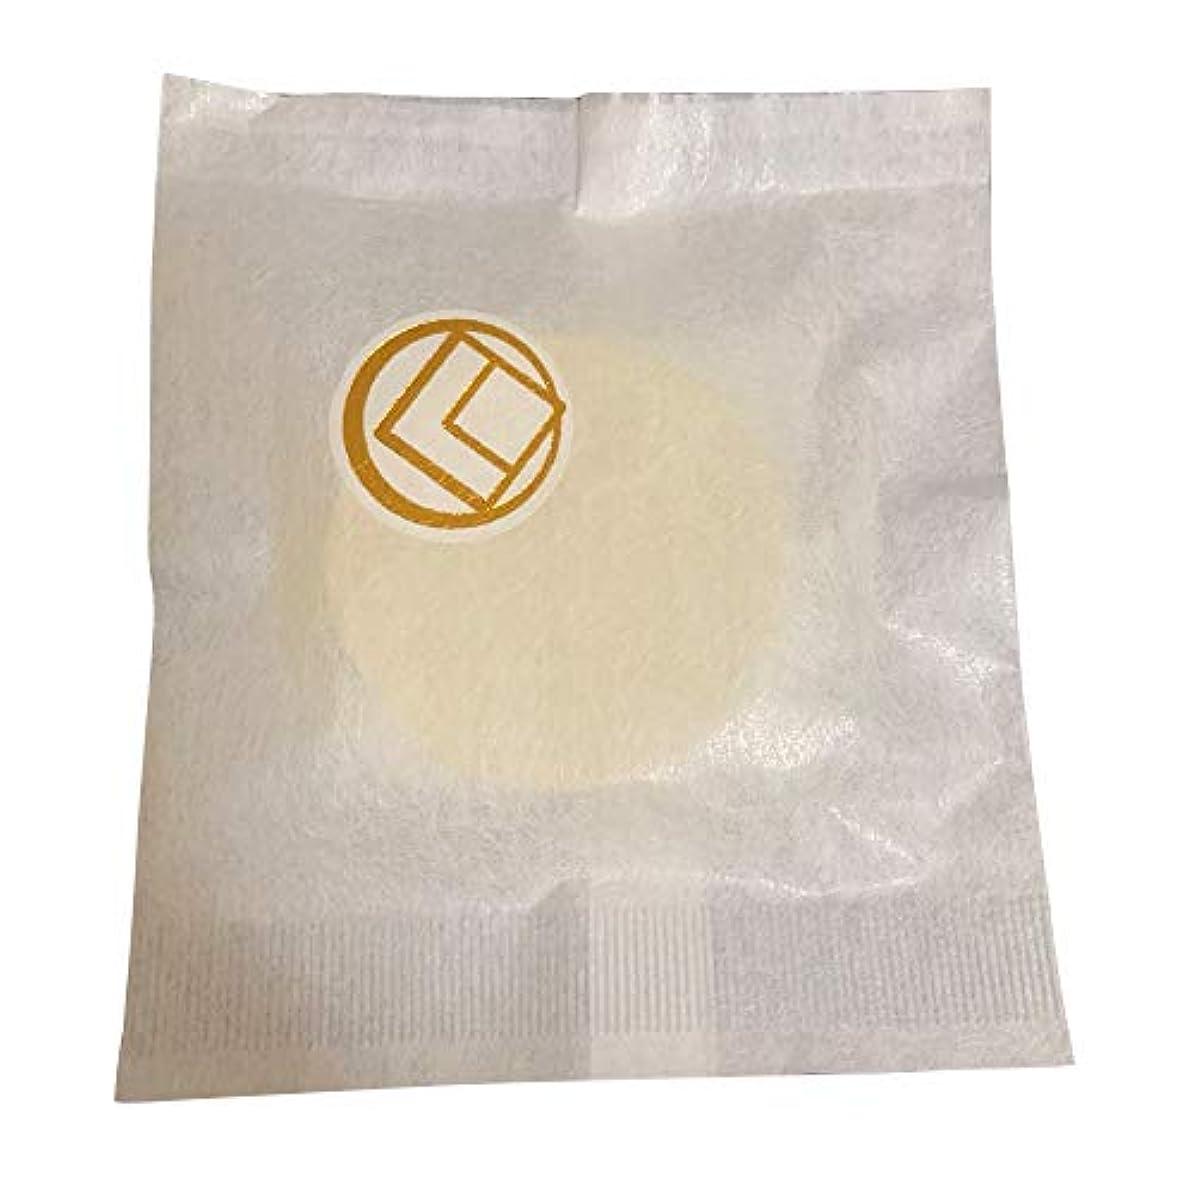 パドル代わりに実際に【肌断食専用】美塩(うつくしお)メイク落とし石鹸